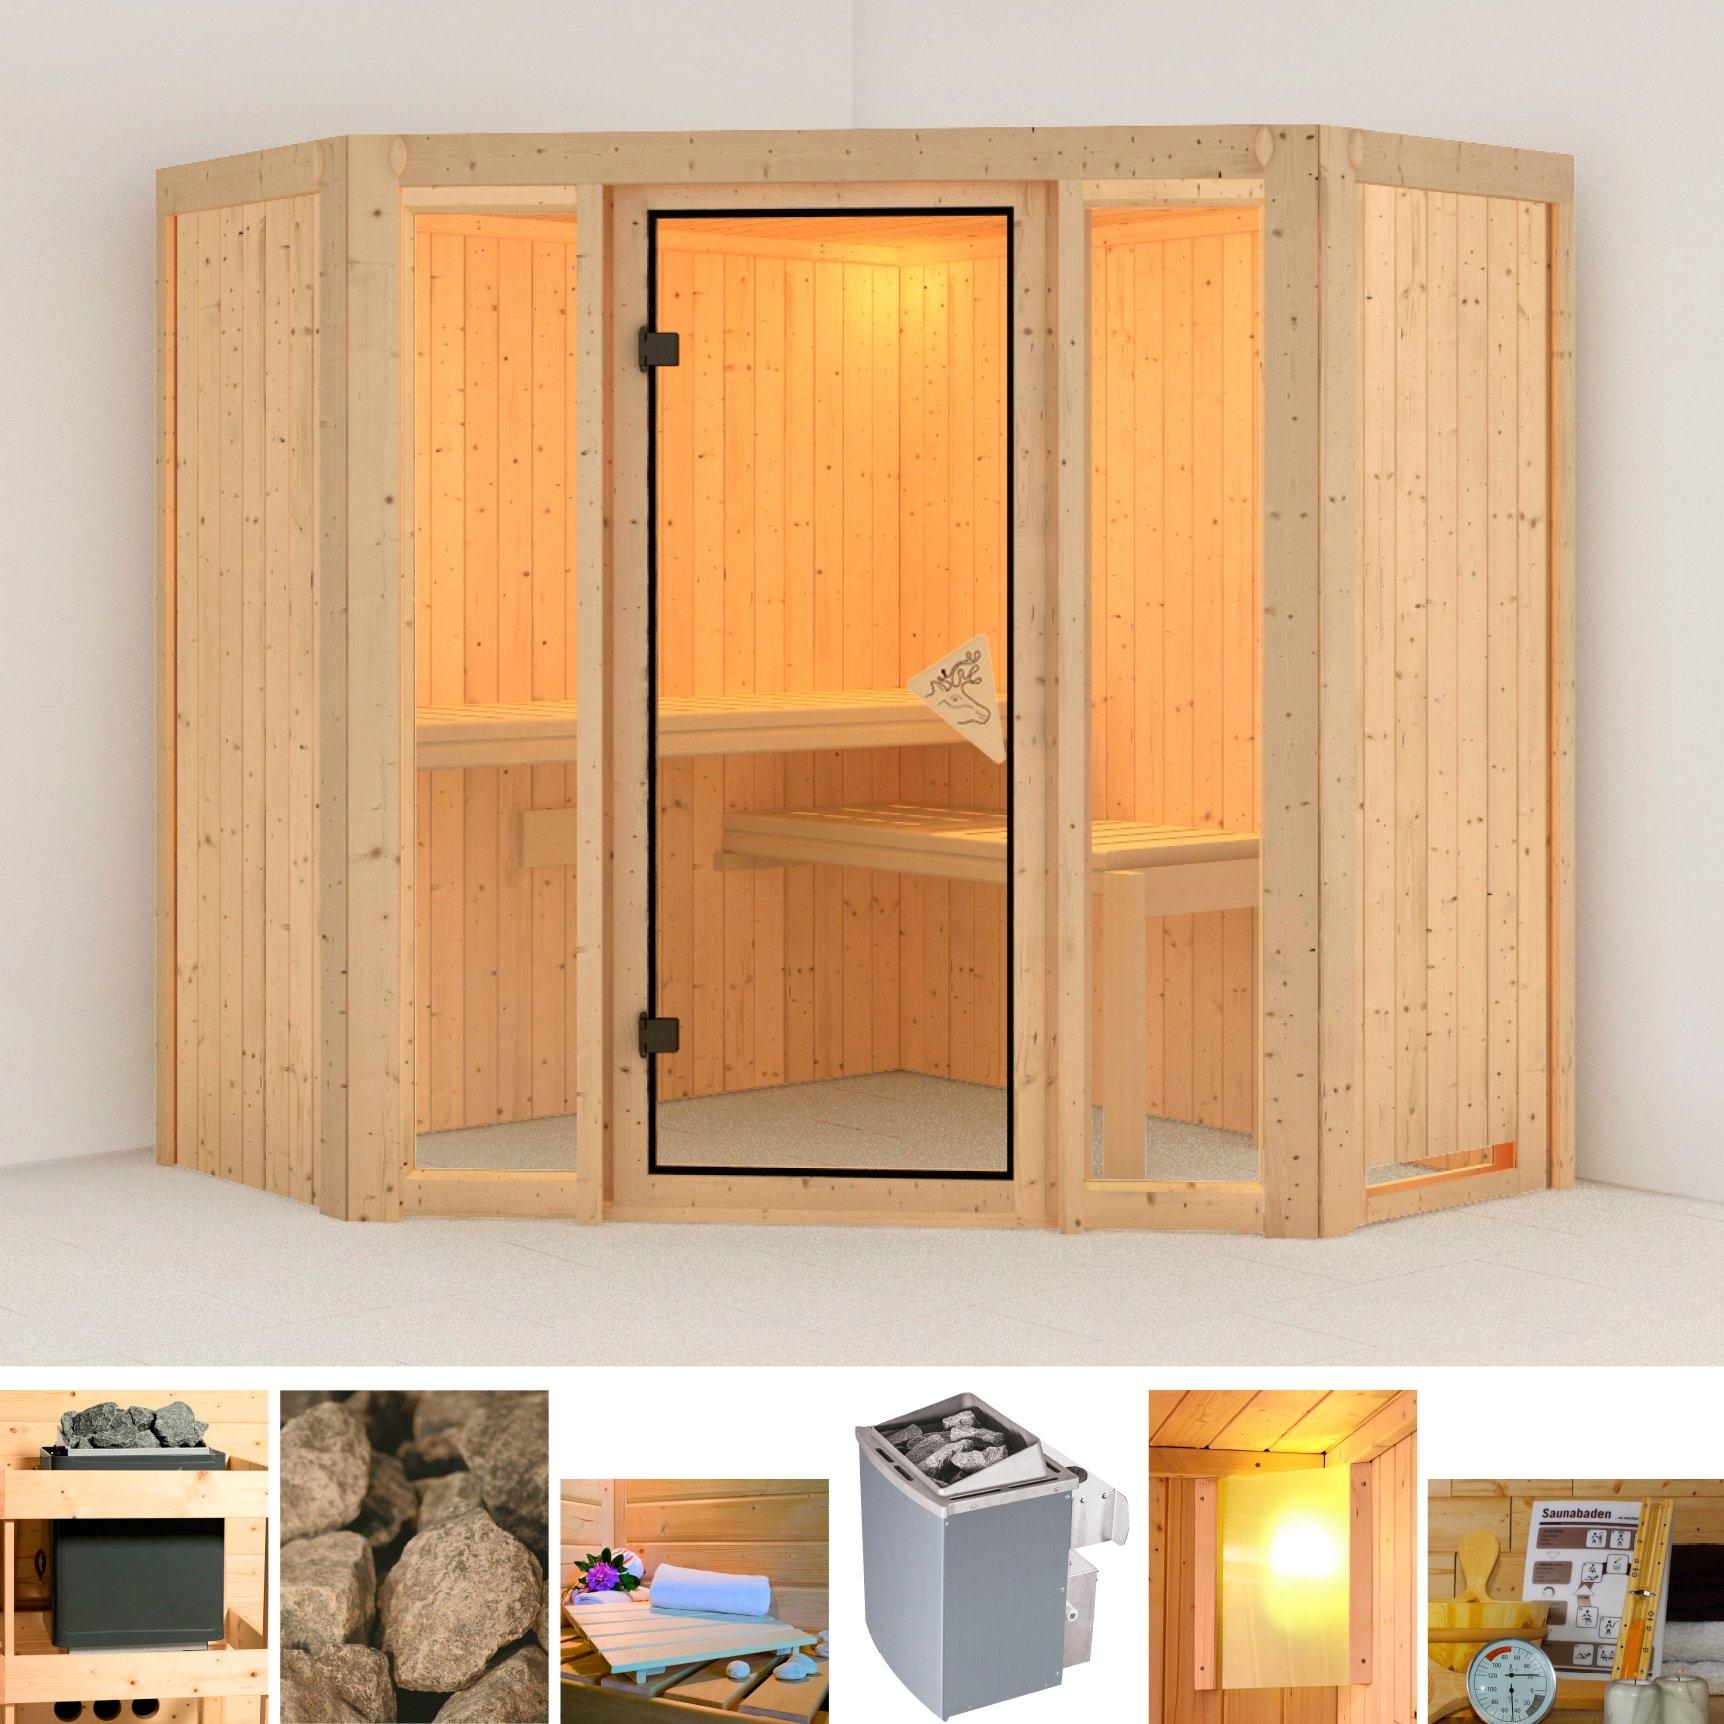 Karibu sauna »Flora 1«, 196x196x198 cm, 9 kW Ofen mit int. Steuerung - gratis ruilen op otto.nl